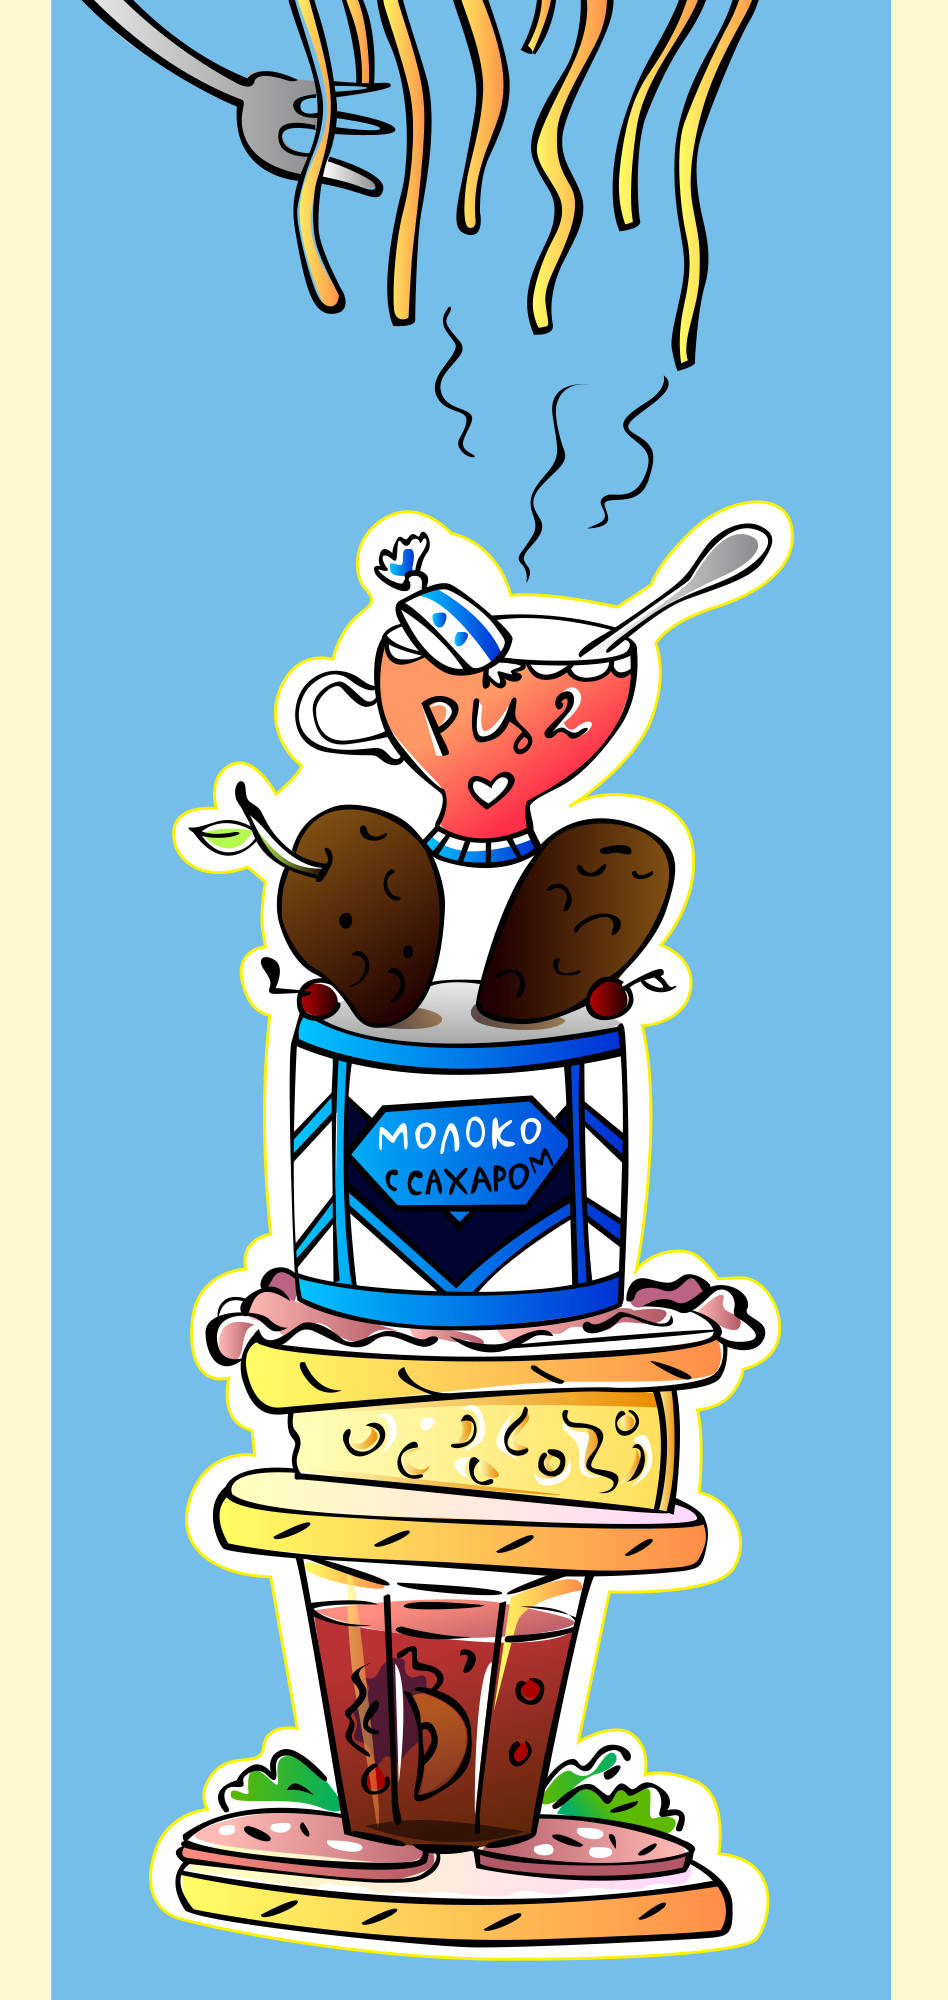 Иллюстрация для меню турслета